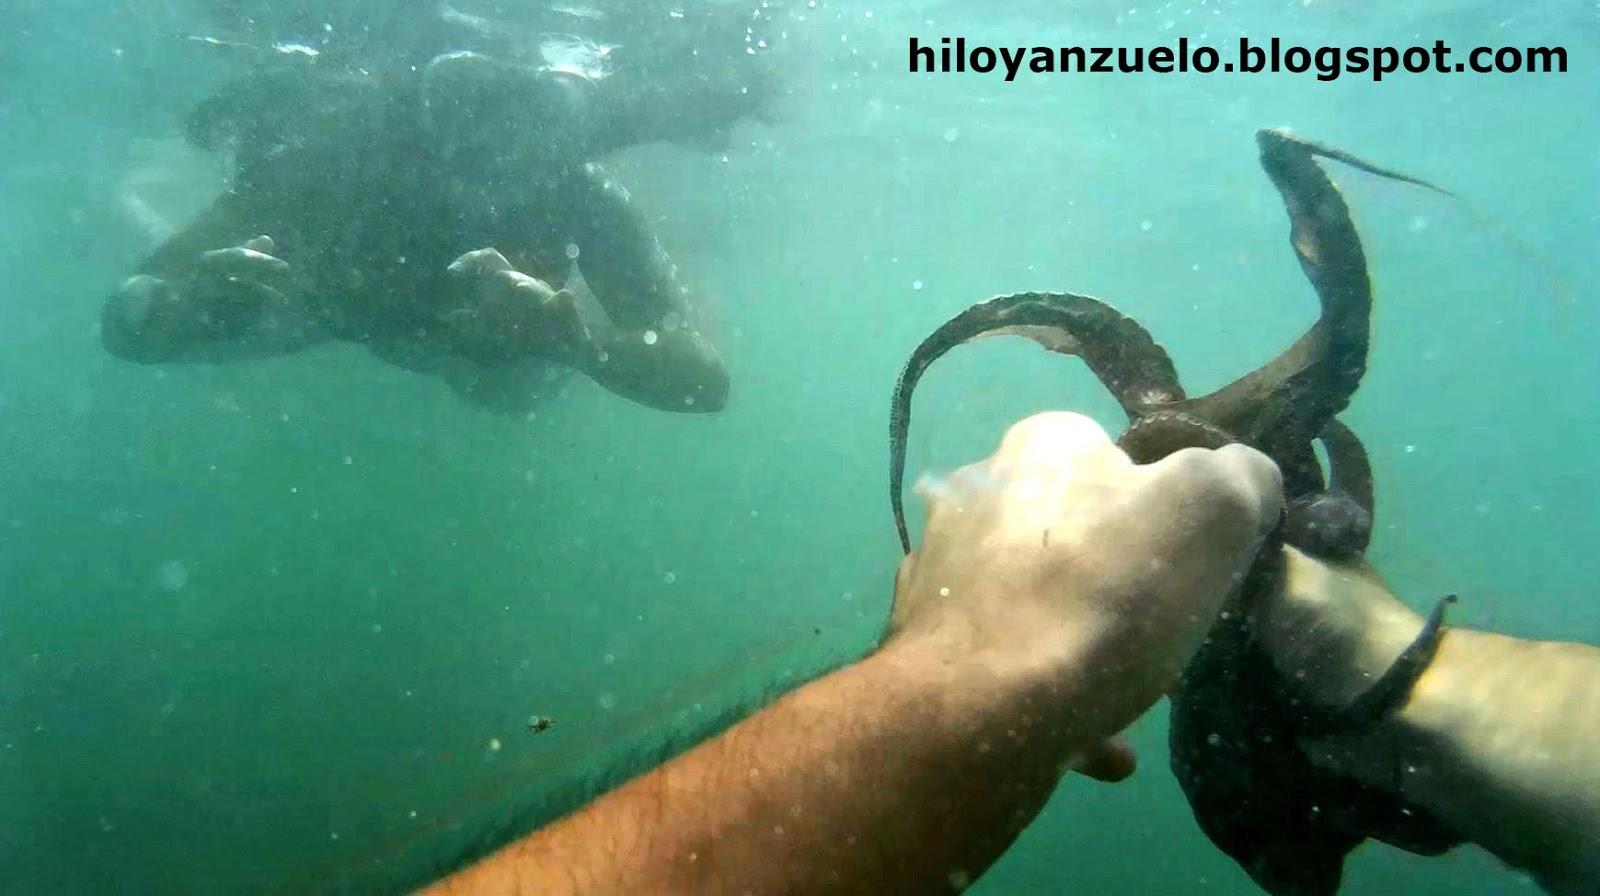 Hilo Y Anzuelo C Mo Capturar O Pescar Pulpos